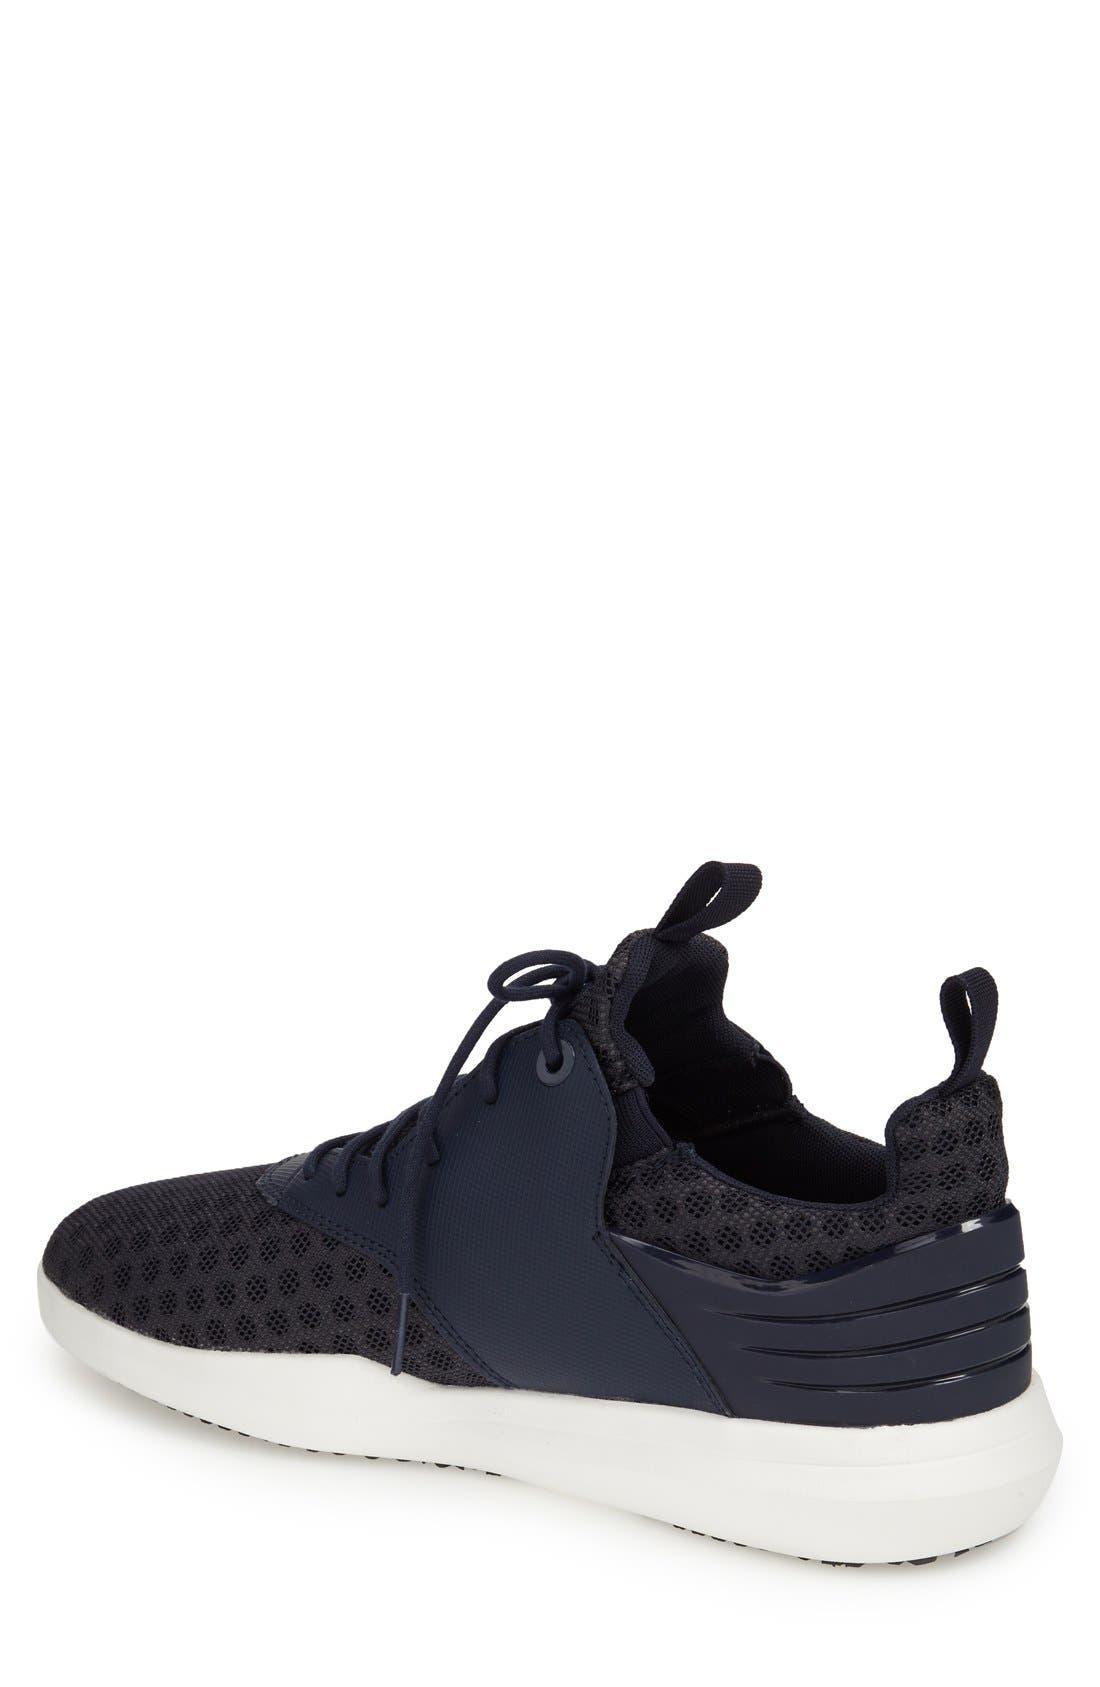 Deross Sneaker,                             Alternate thumbnail 3, color,                             Navy Leather